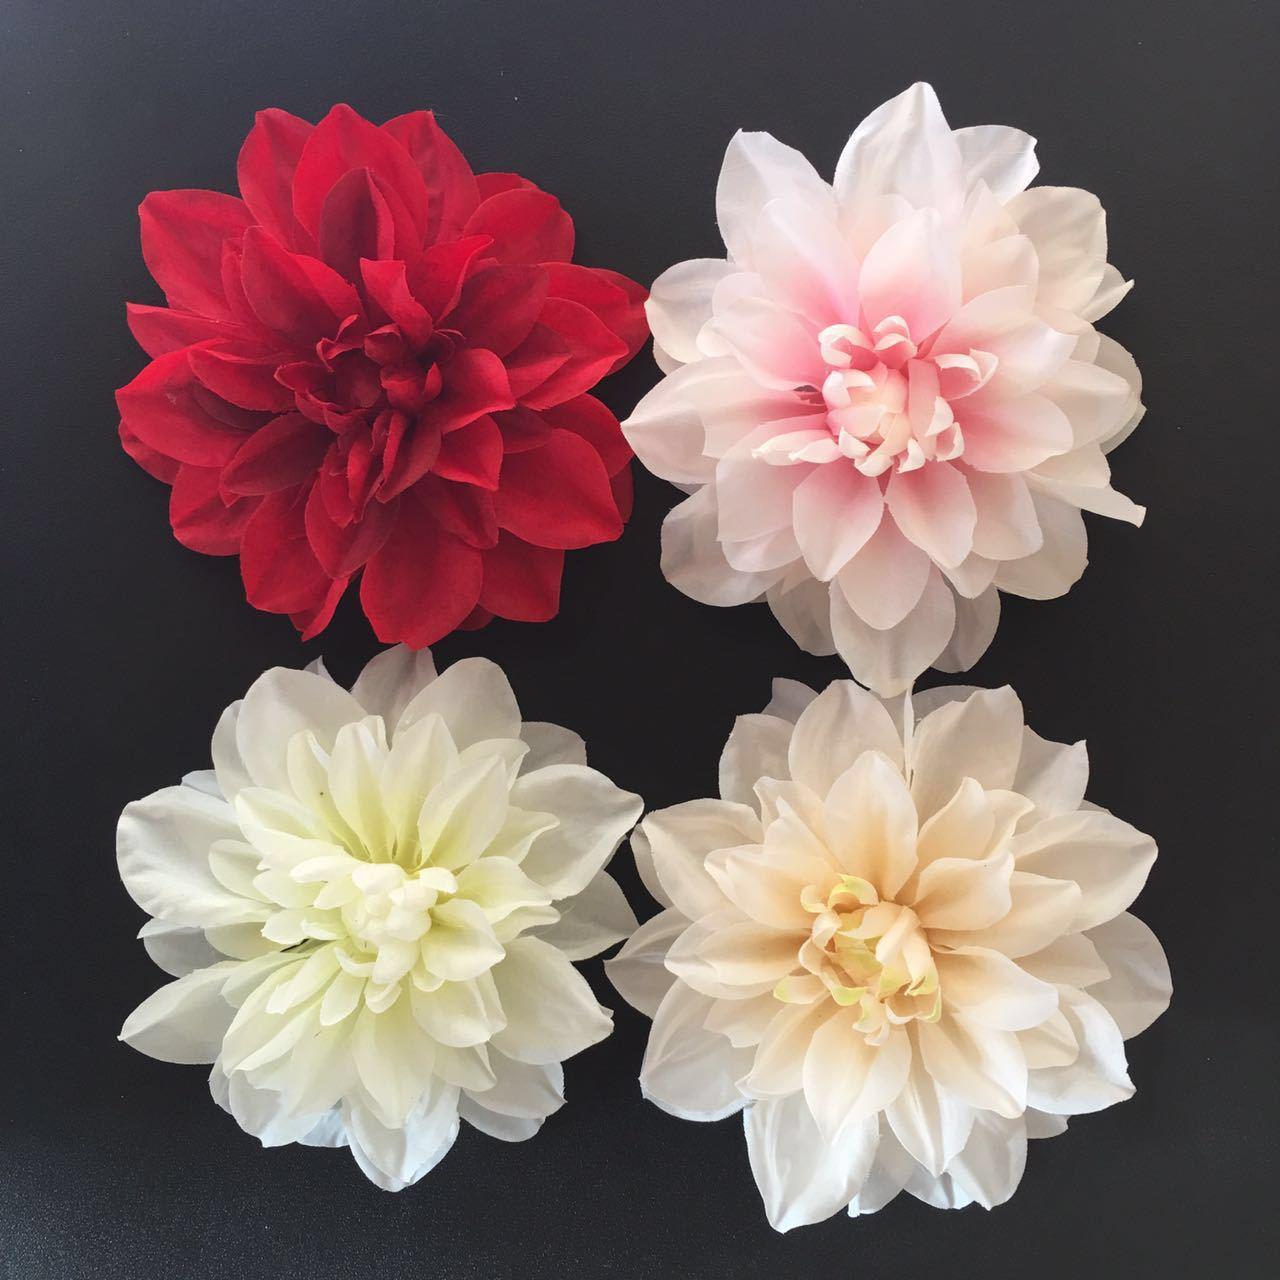 12 cm Dahlia cabeza de flor de imitación dalia peonía decoración de la boda DIY flor de la pared jardín arco arco flor